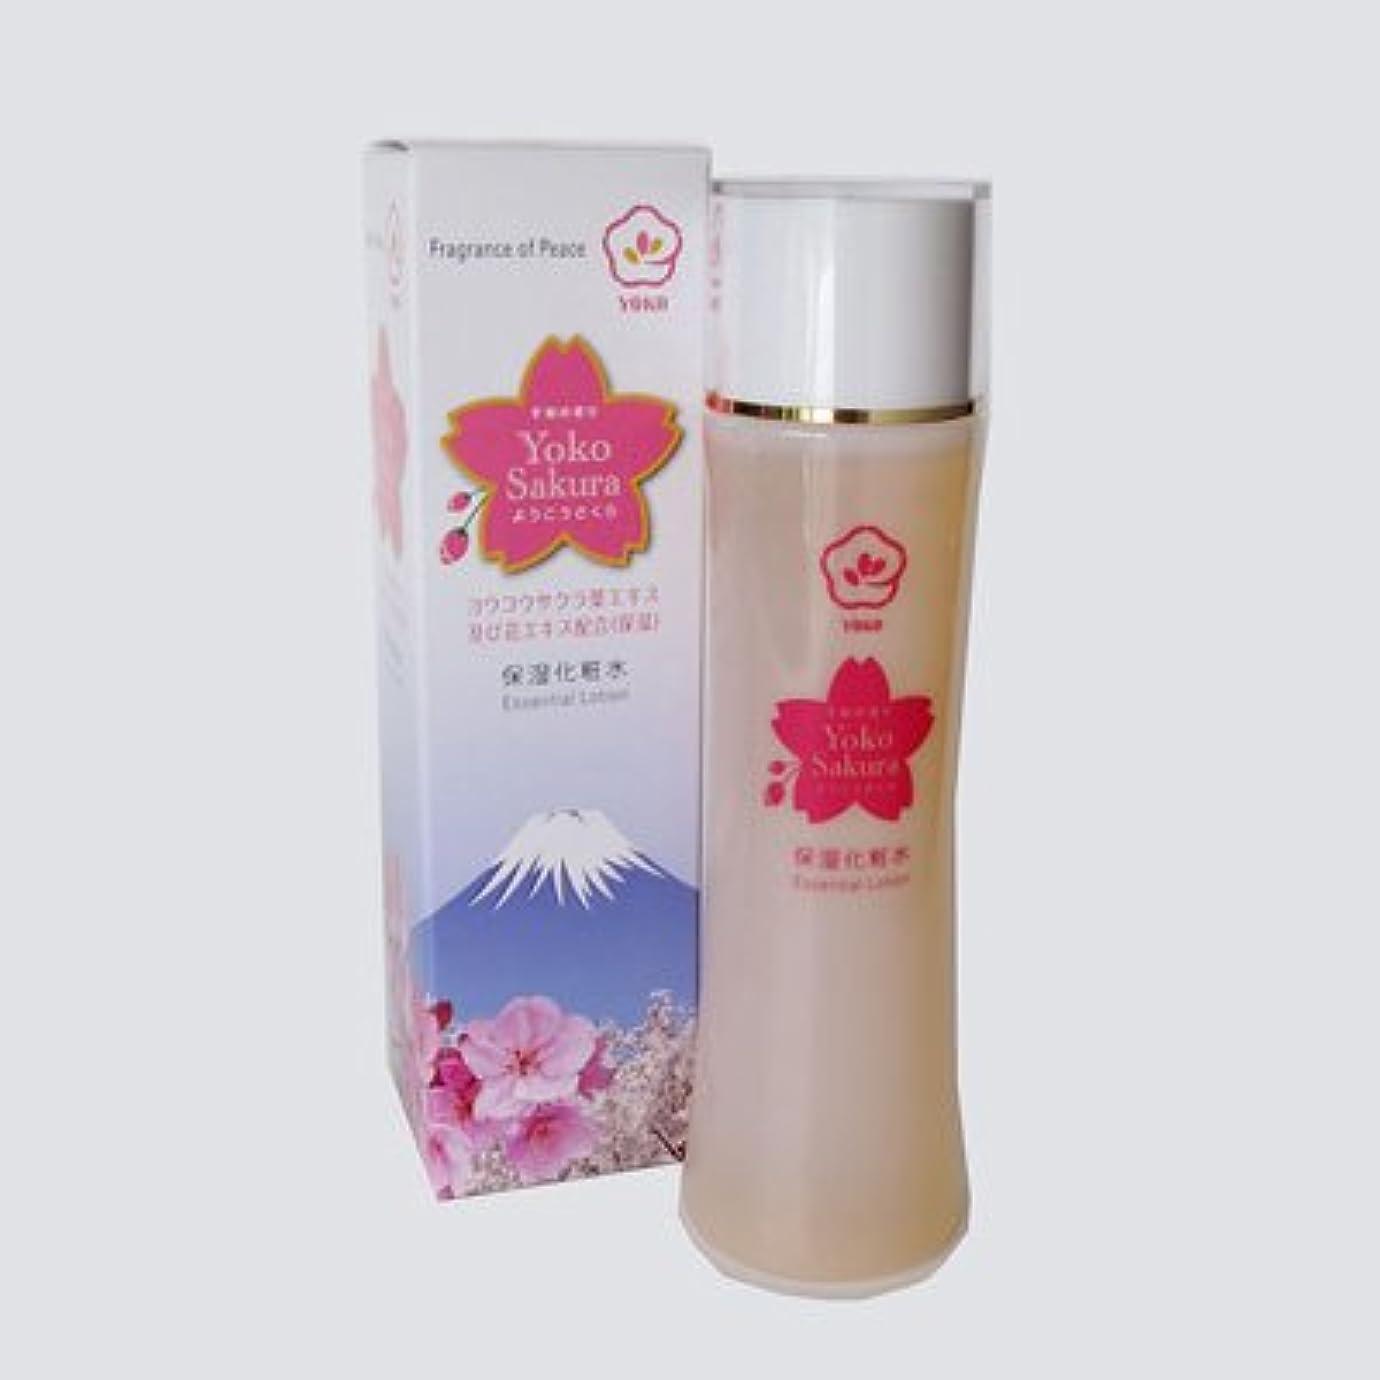 前提条件画像可動陽光ローション(保湿化粧水) 陽光桜のエキス配合の保湿化粧水。敏感肌の方にもどうぞ